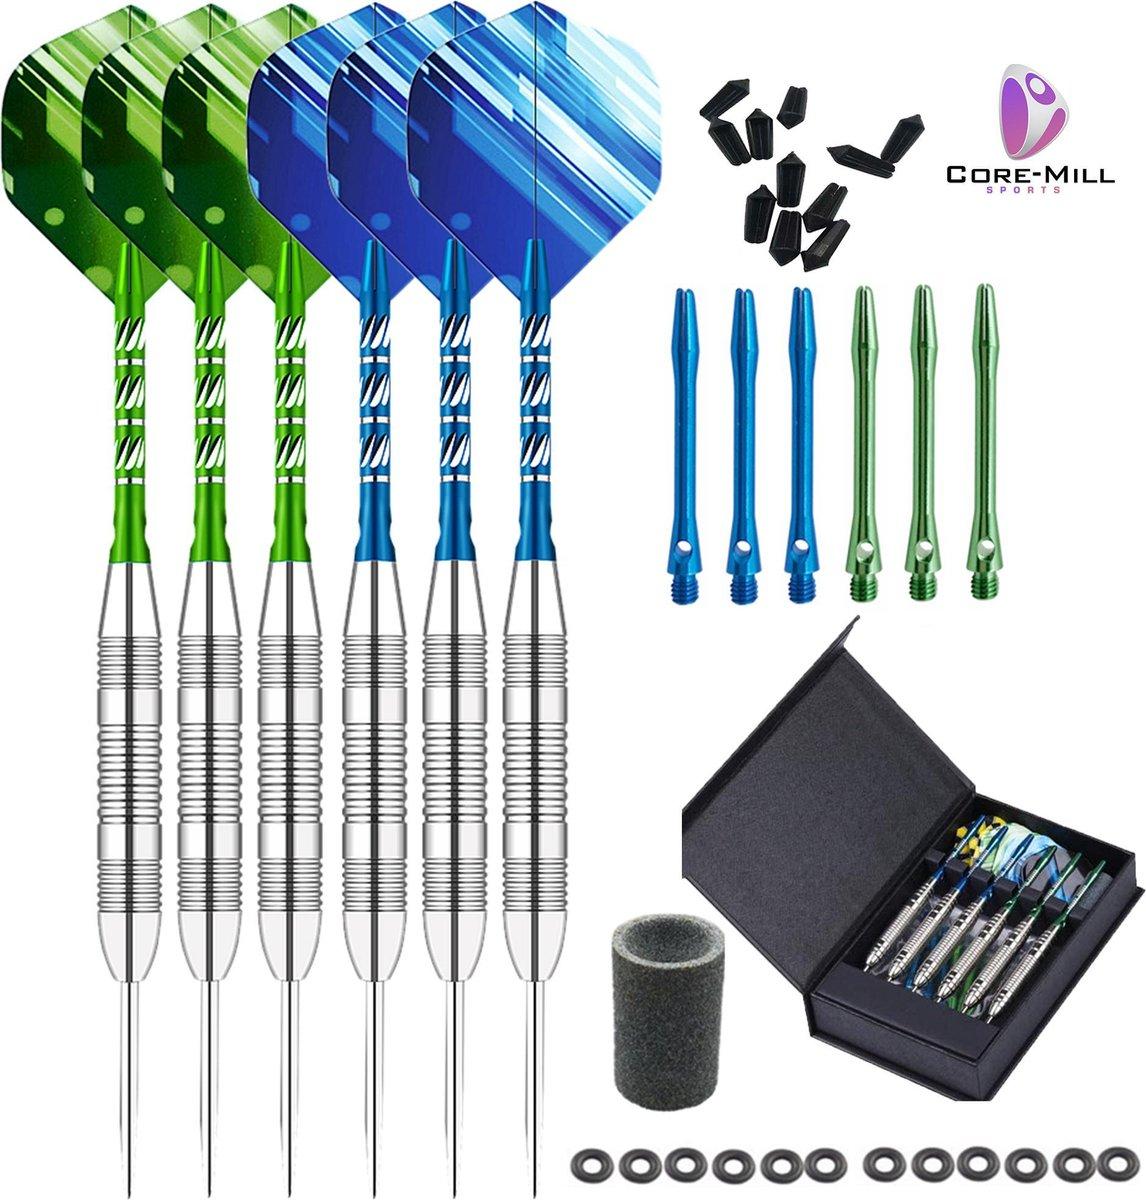 Core Mill - Dartpijlen - Dartpunt slijper - 2 sets - Luxe verpakking - 23gram - Dart Flights - Darts - IJzeren punt - Steeltips - O-Ringen - Luxe Dartpijlen